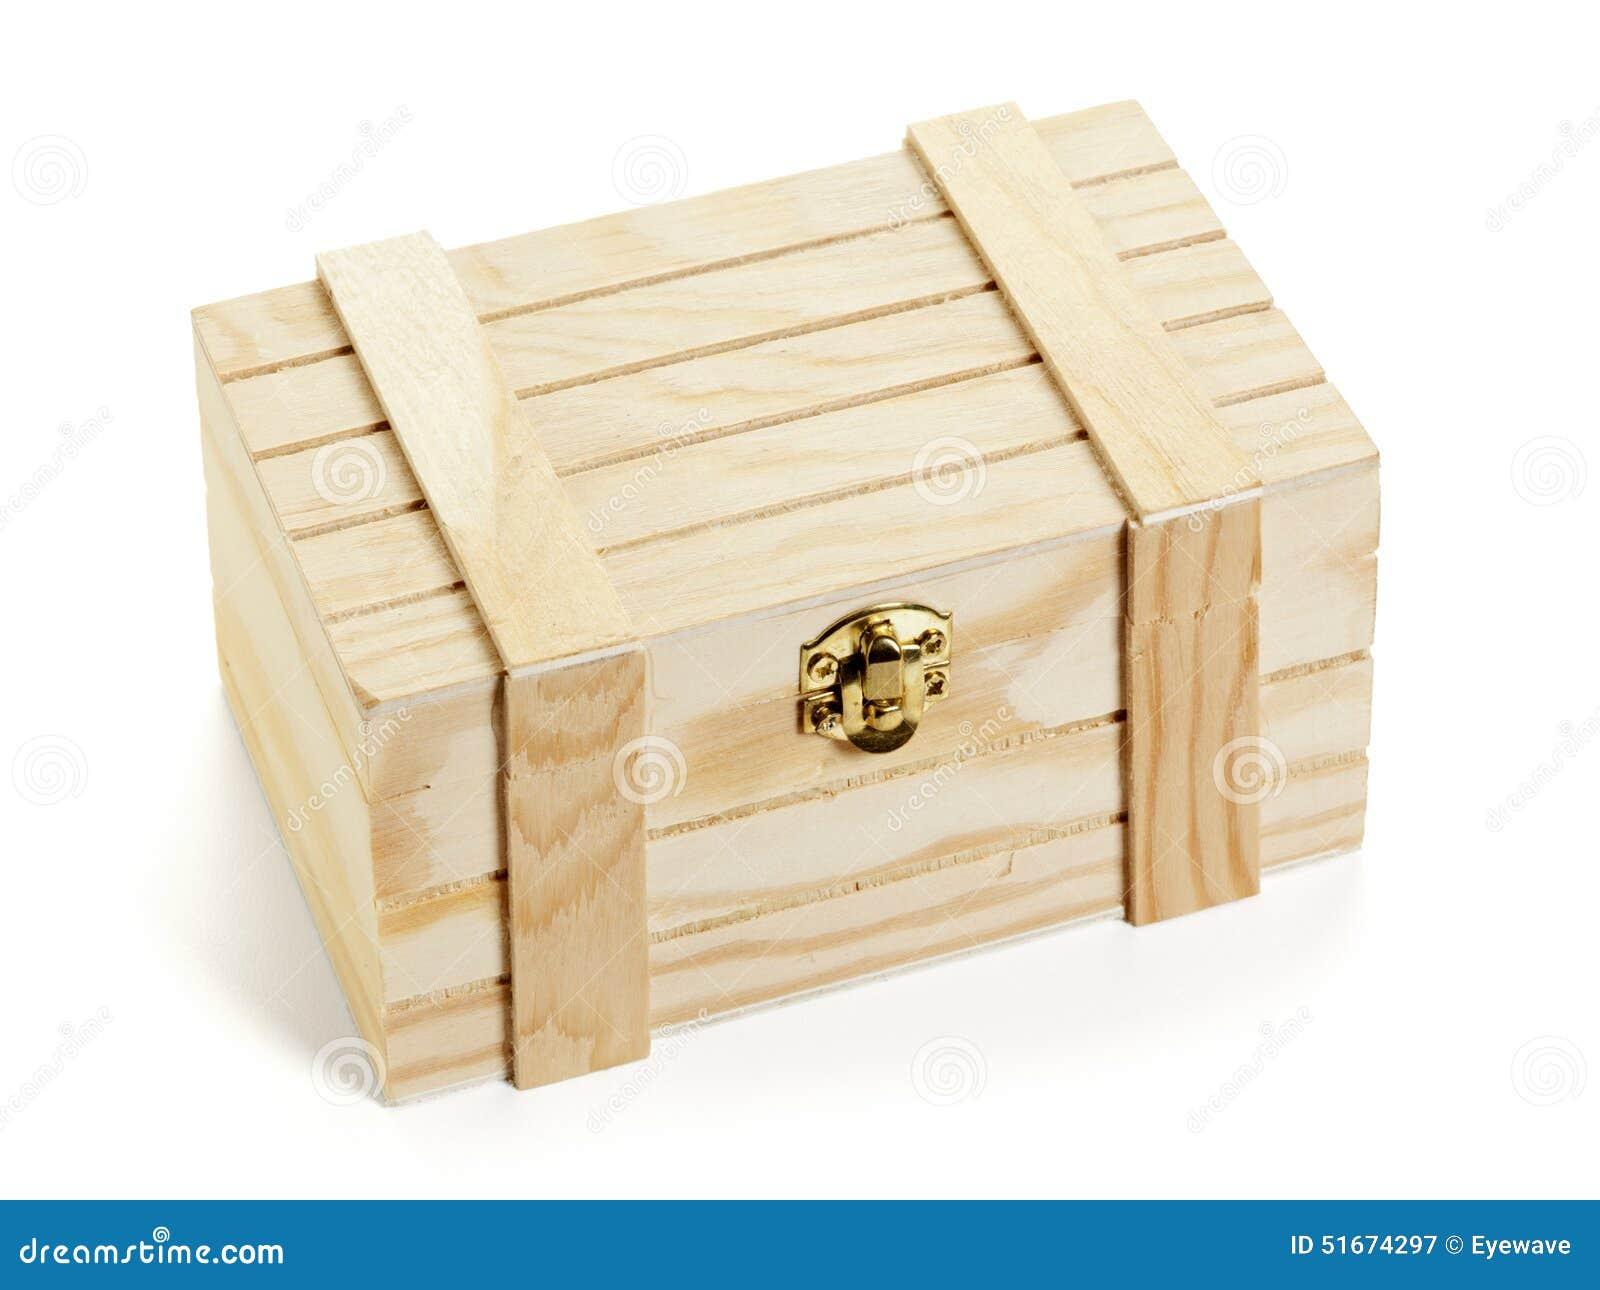 petite caisse en bois d 39 isolement photo stock image. Black Bedroom Furniture Sets. Home Design Ideas